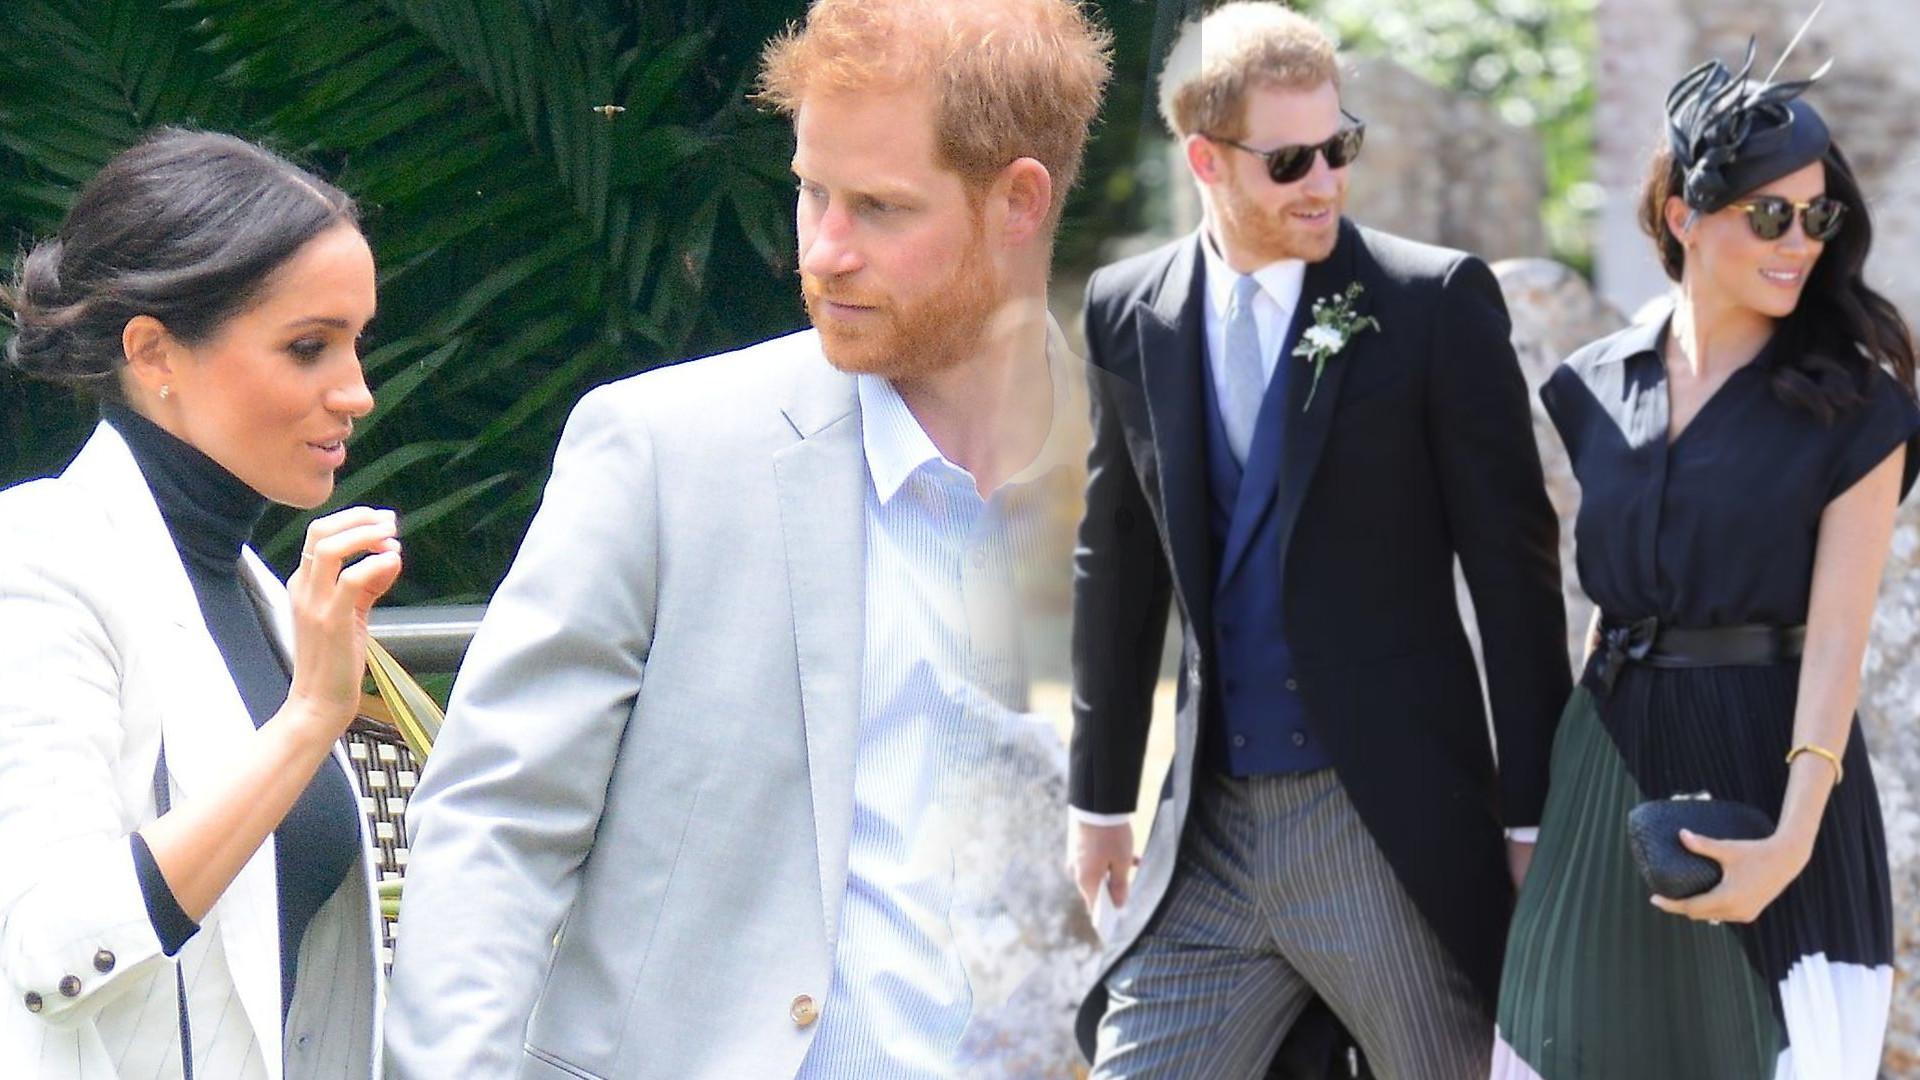 Książę Harry po tym, jak poznał Meghan: Stracił chłopięcy urok, pojawiły się zmarszczki